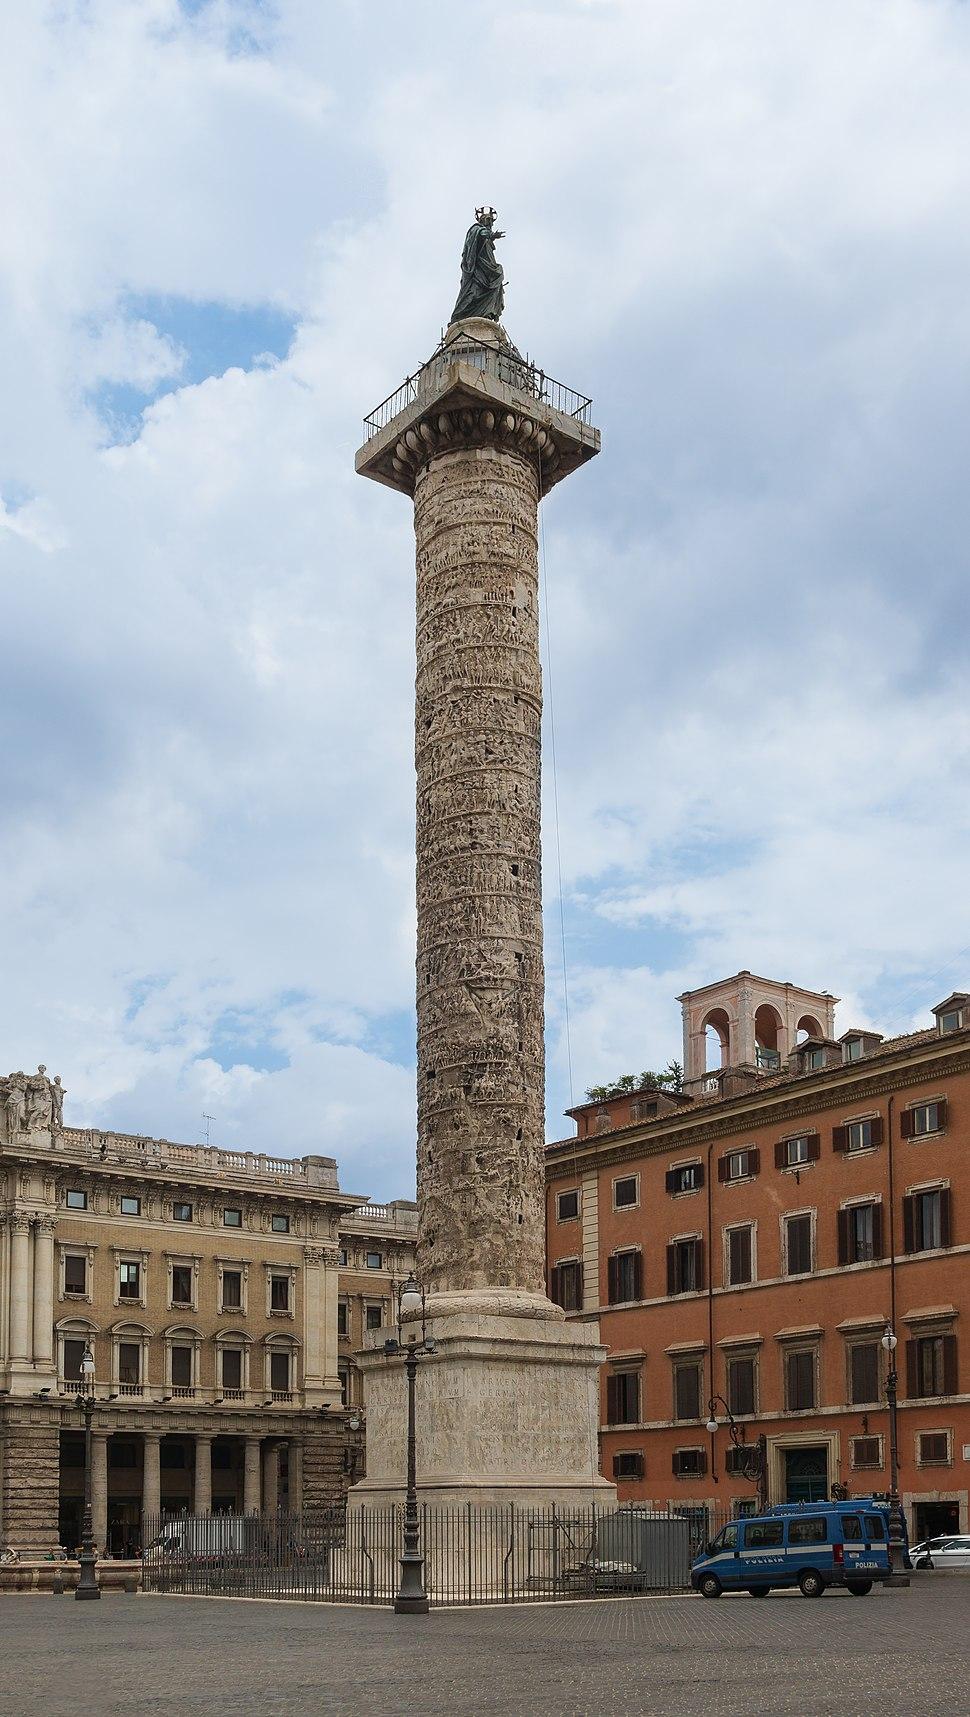 Marcus Aurelius Column, Rome, Italy